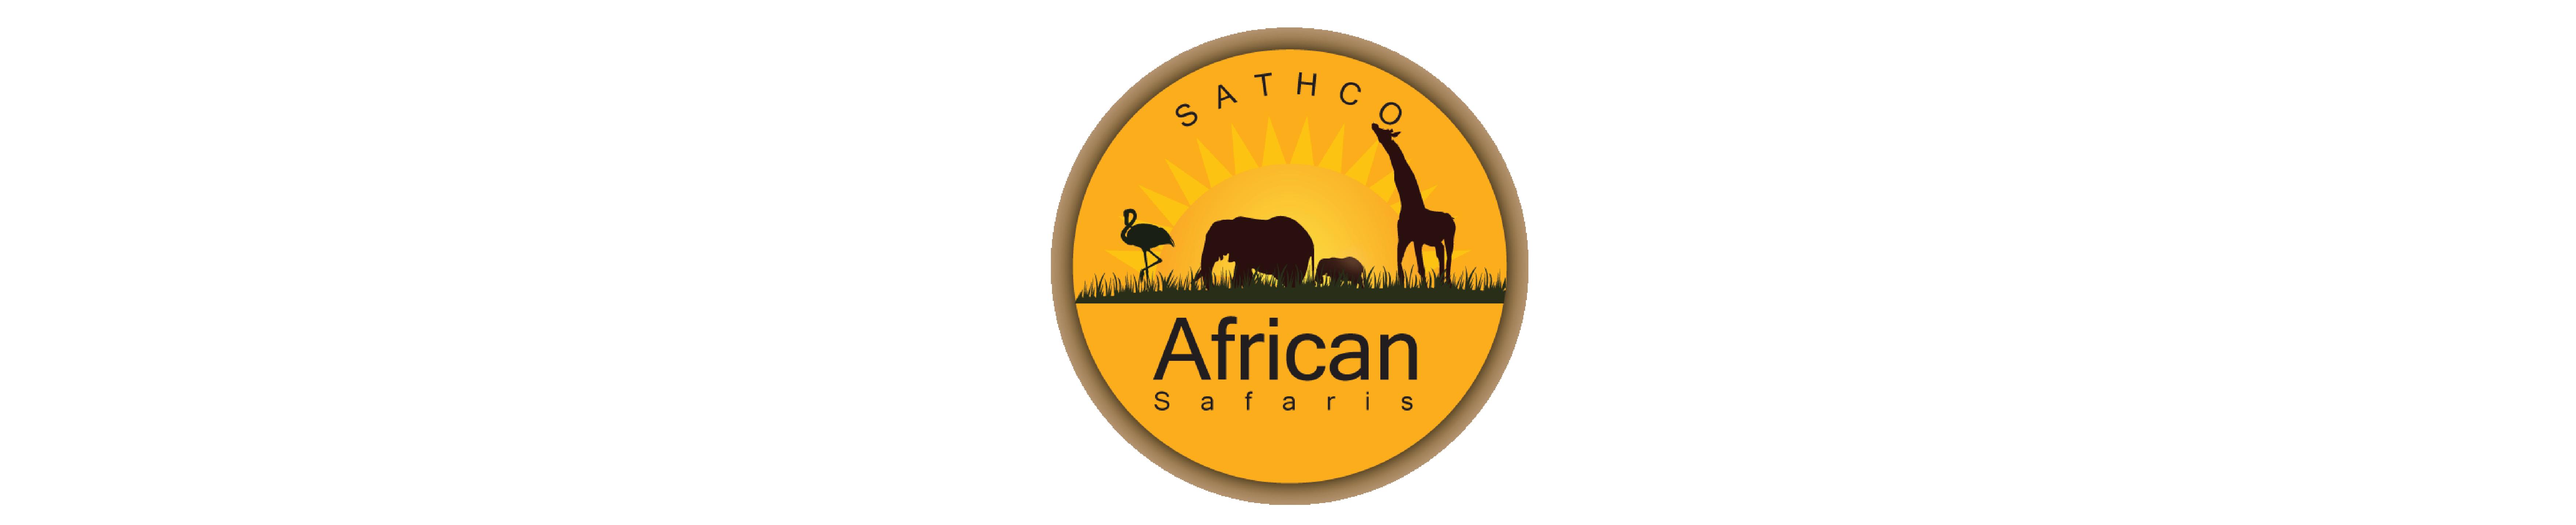 Sathco Safaris